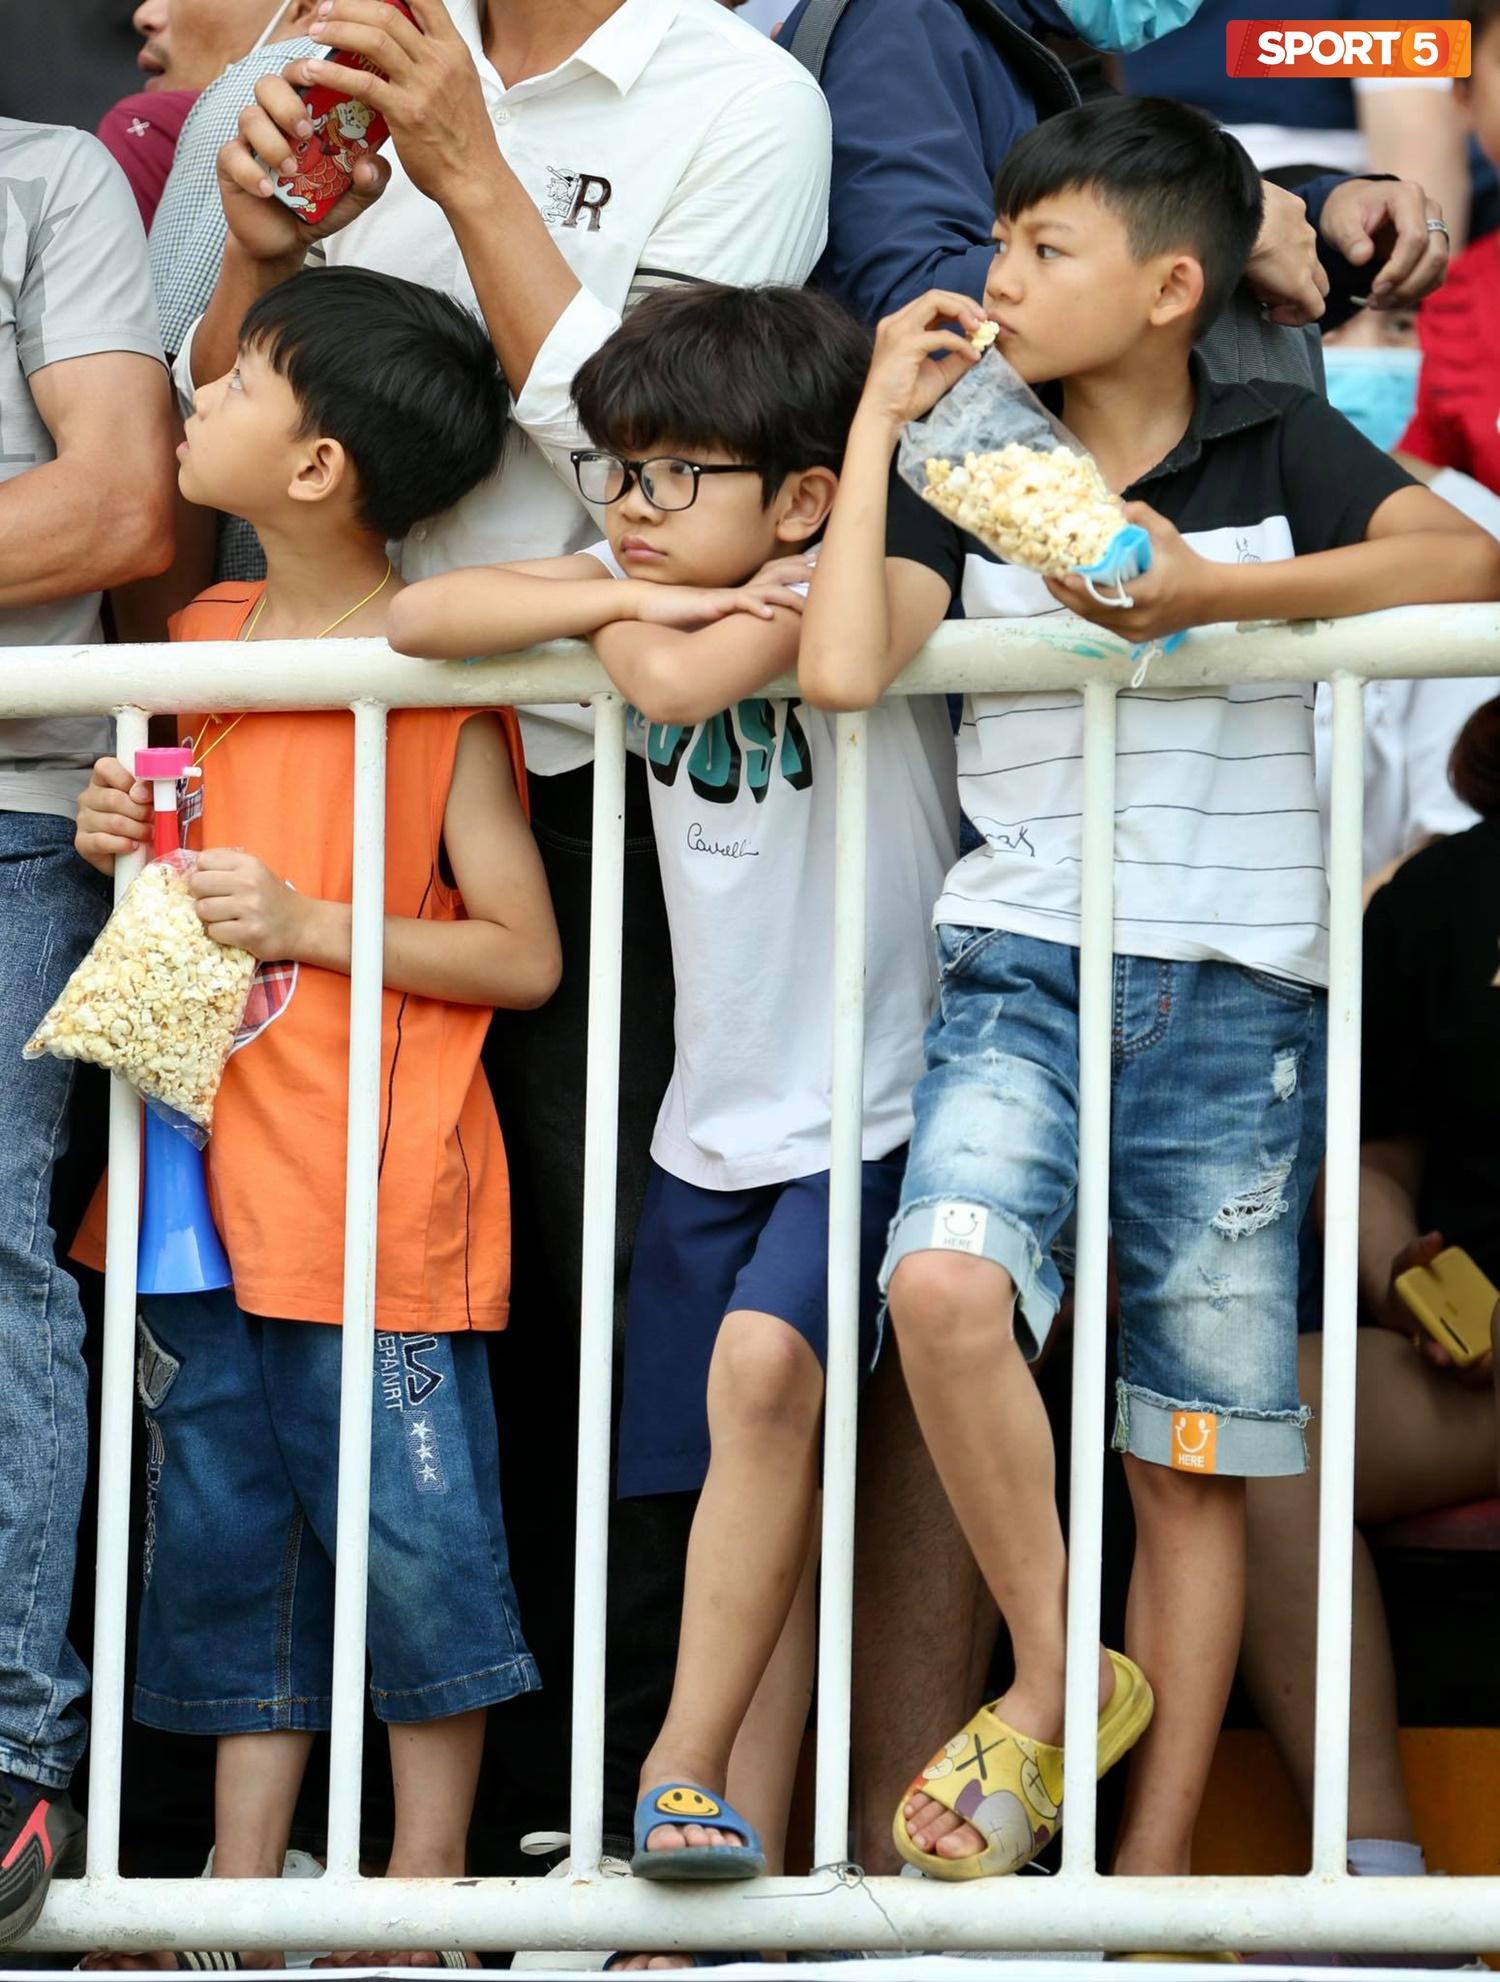 Fan phải ngồi đất, đứng chen chúc hàng loạt vì không có ghế ngồi xem trận HAGL và Hà Nội FC - ảnh 9